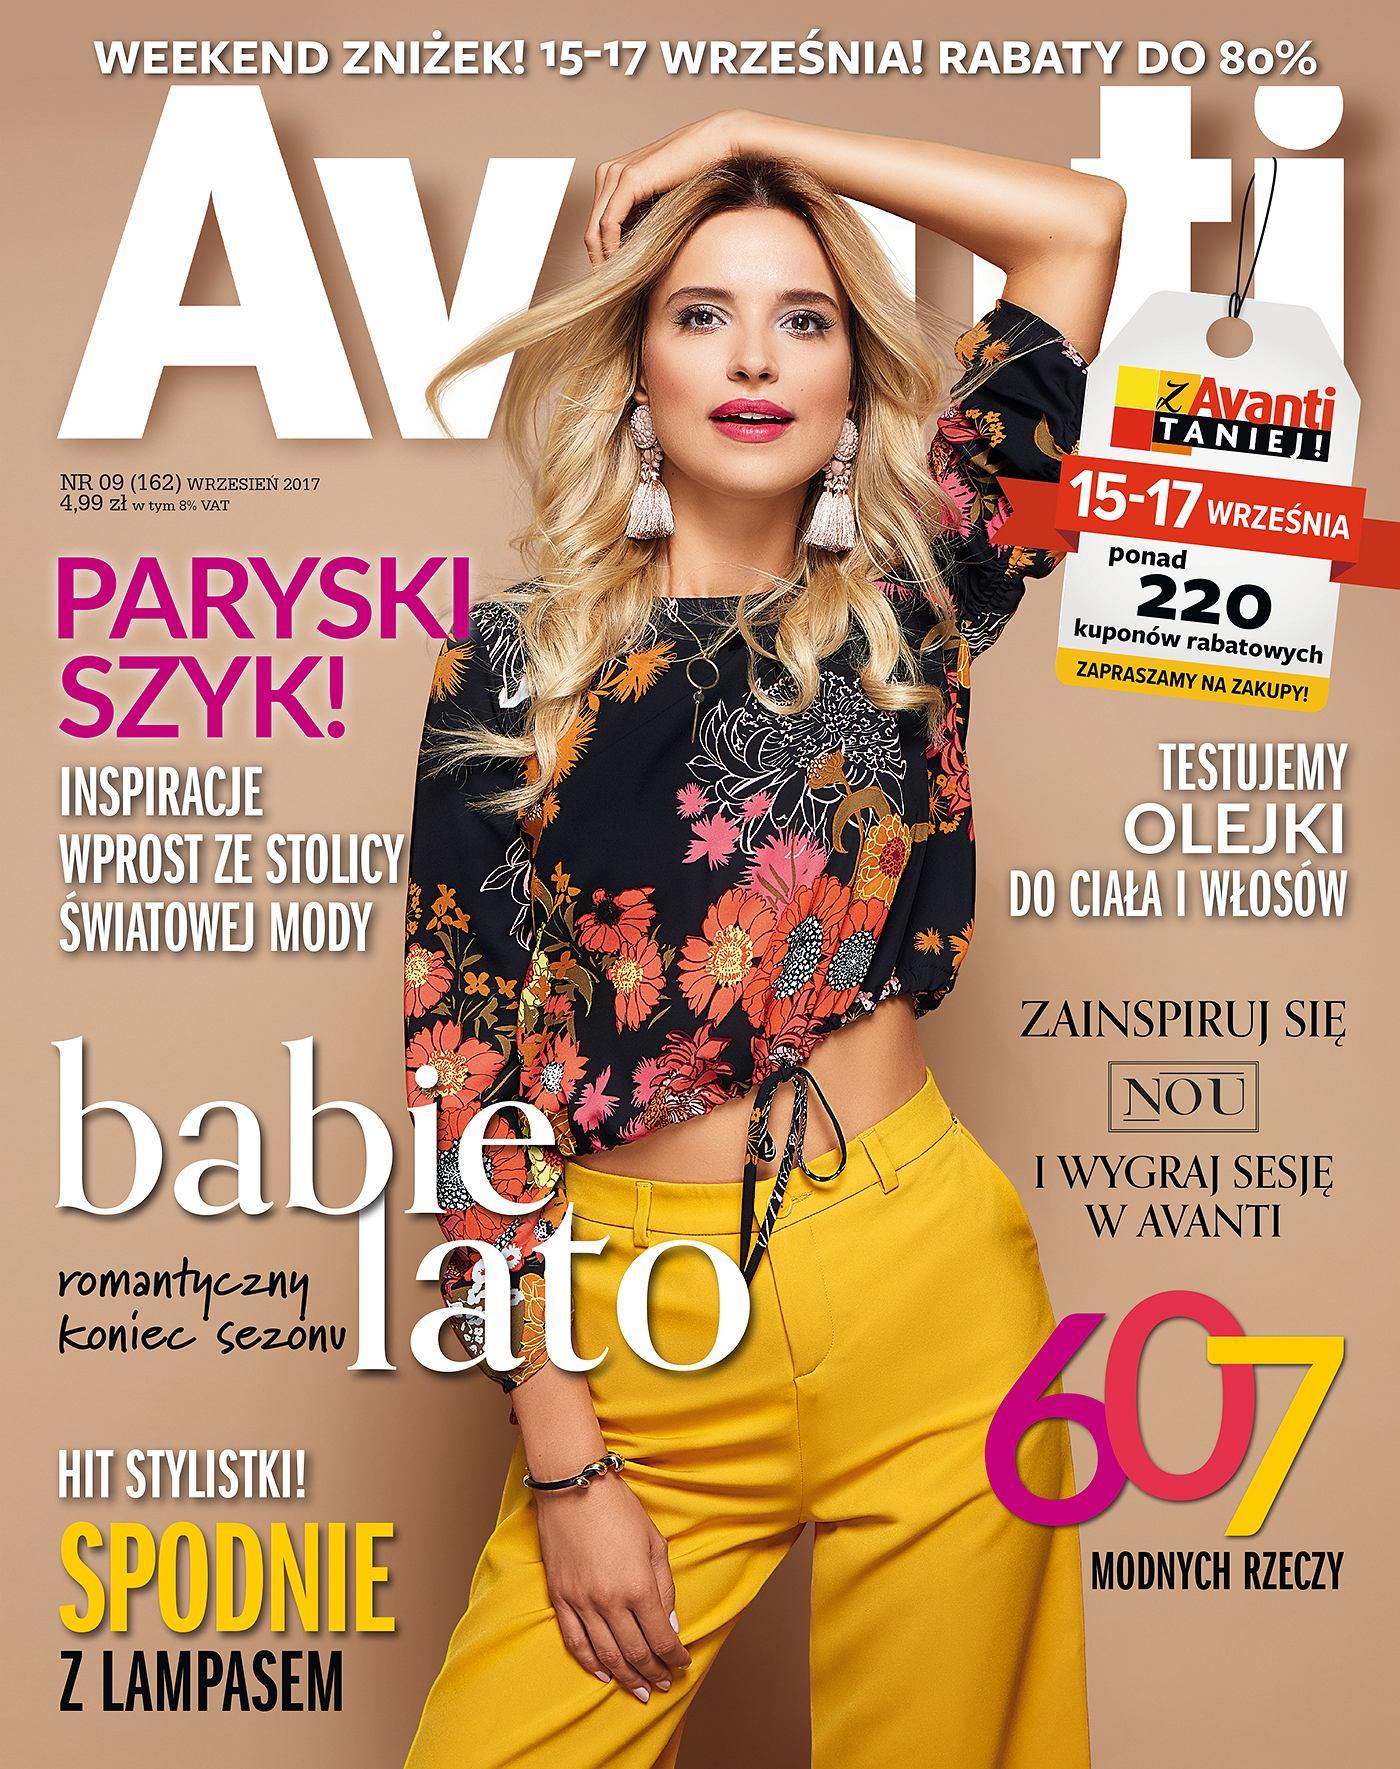 """Wrześniowe """"Avanti"""" zaprasza na wielki Weekend Zniżek!"""